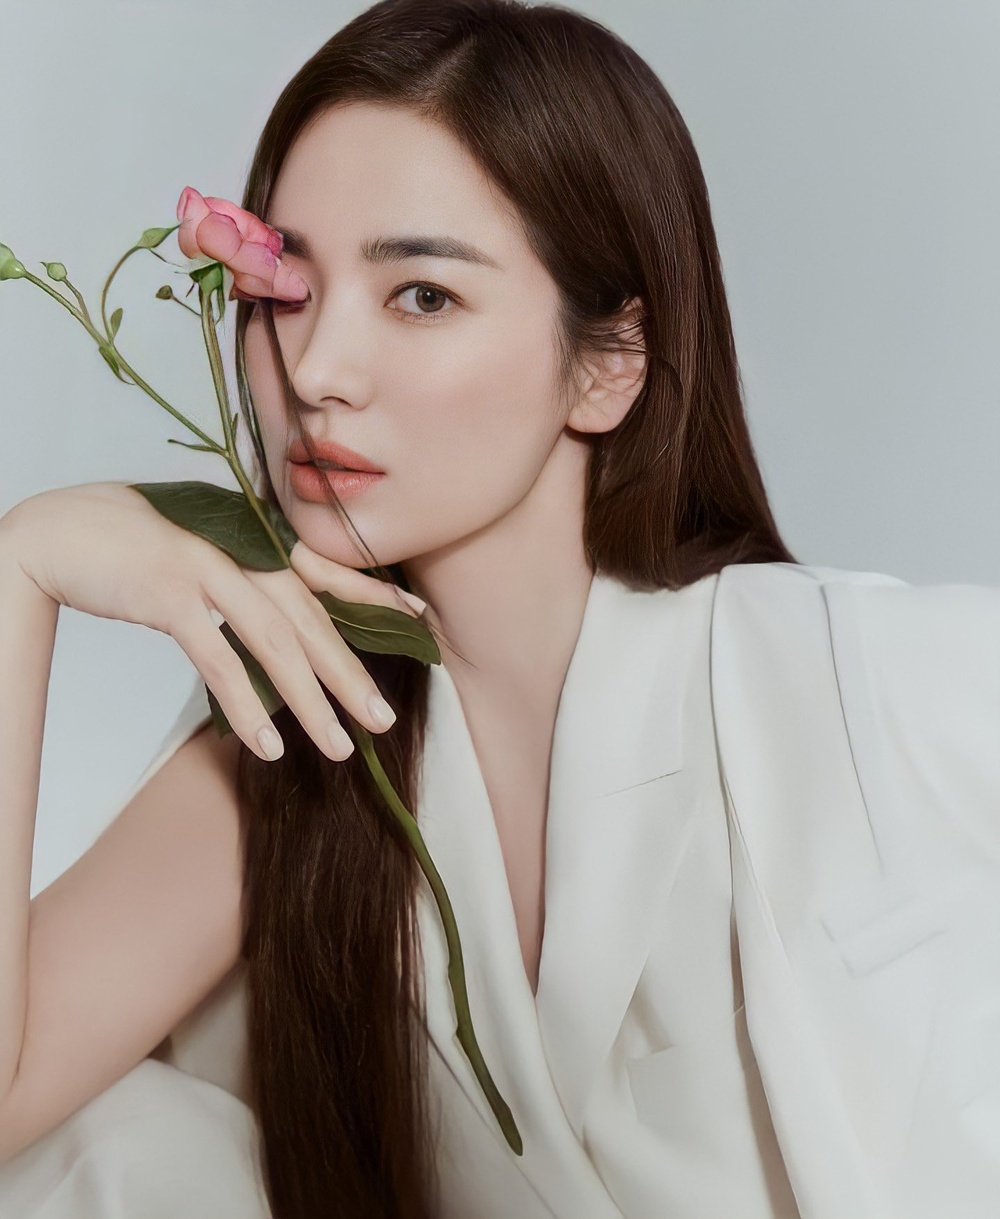 Song Hye Kyo yêu say đắm Jang Ki Yong trong phim mới của biên kịch 'Misty' Ảnh 1